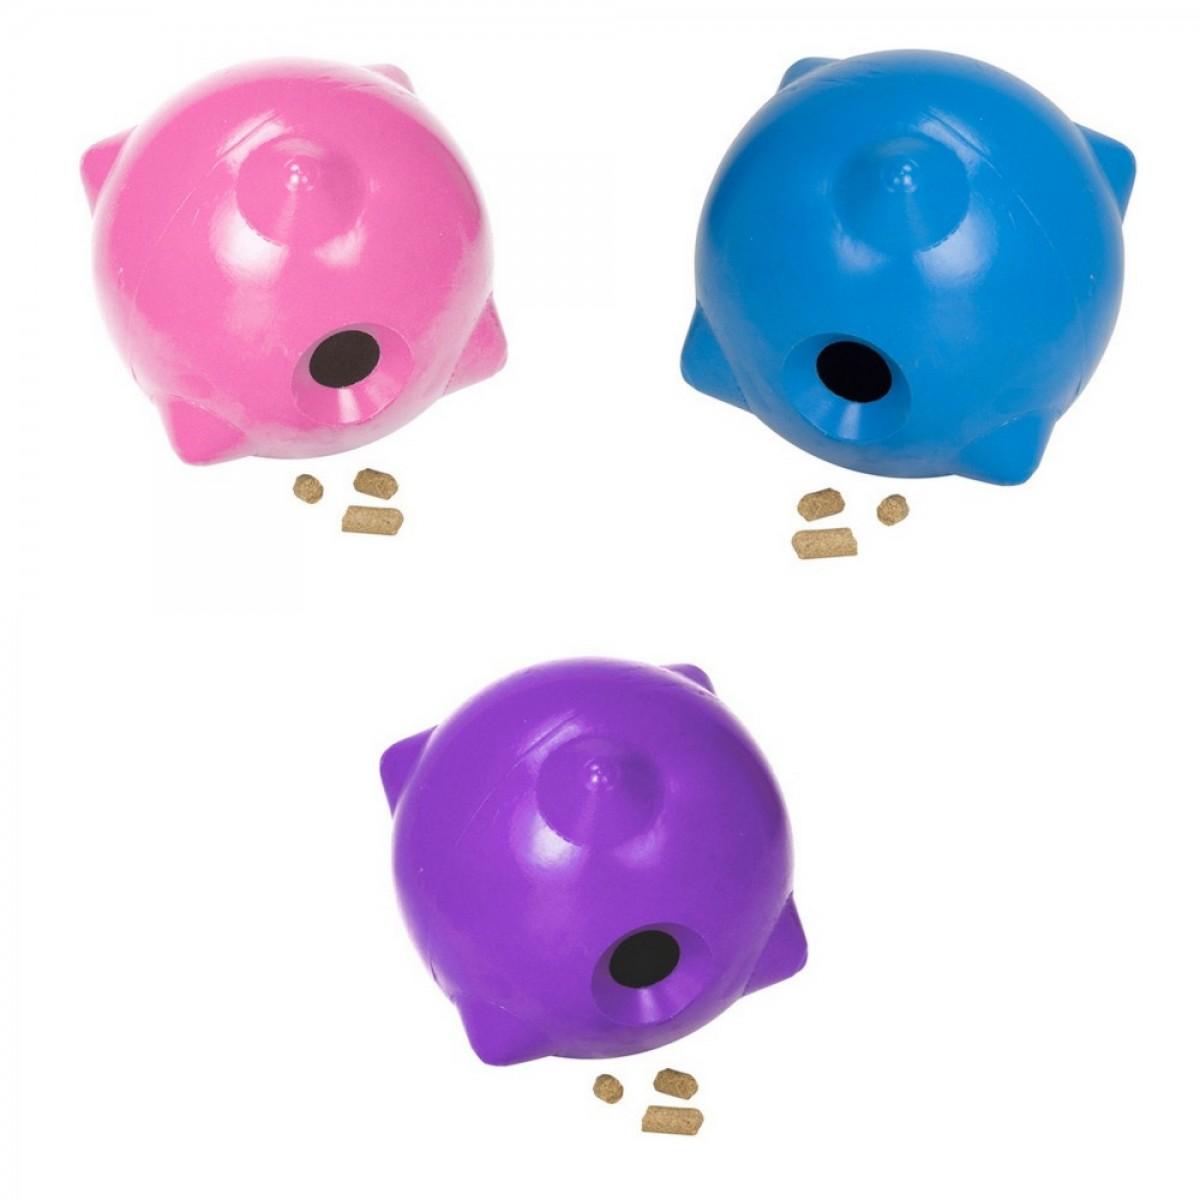 (スタッブズ) Stubbs 犬・馬用 Horsey ボール えさ・おやつ入れ おもちゃ ペット用品 【楽天海外直送】